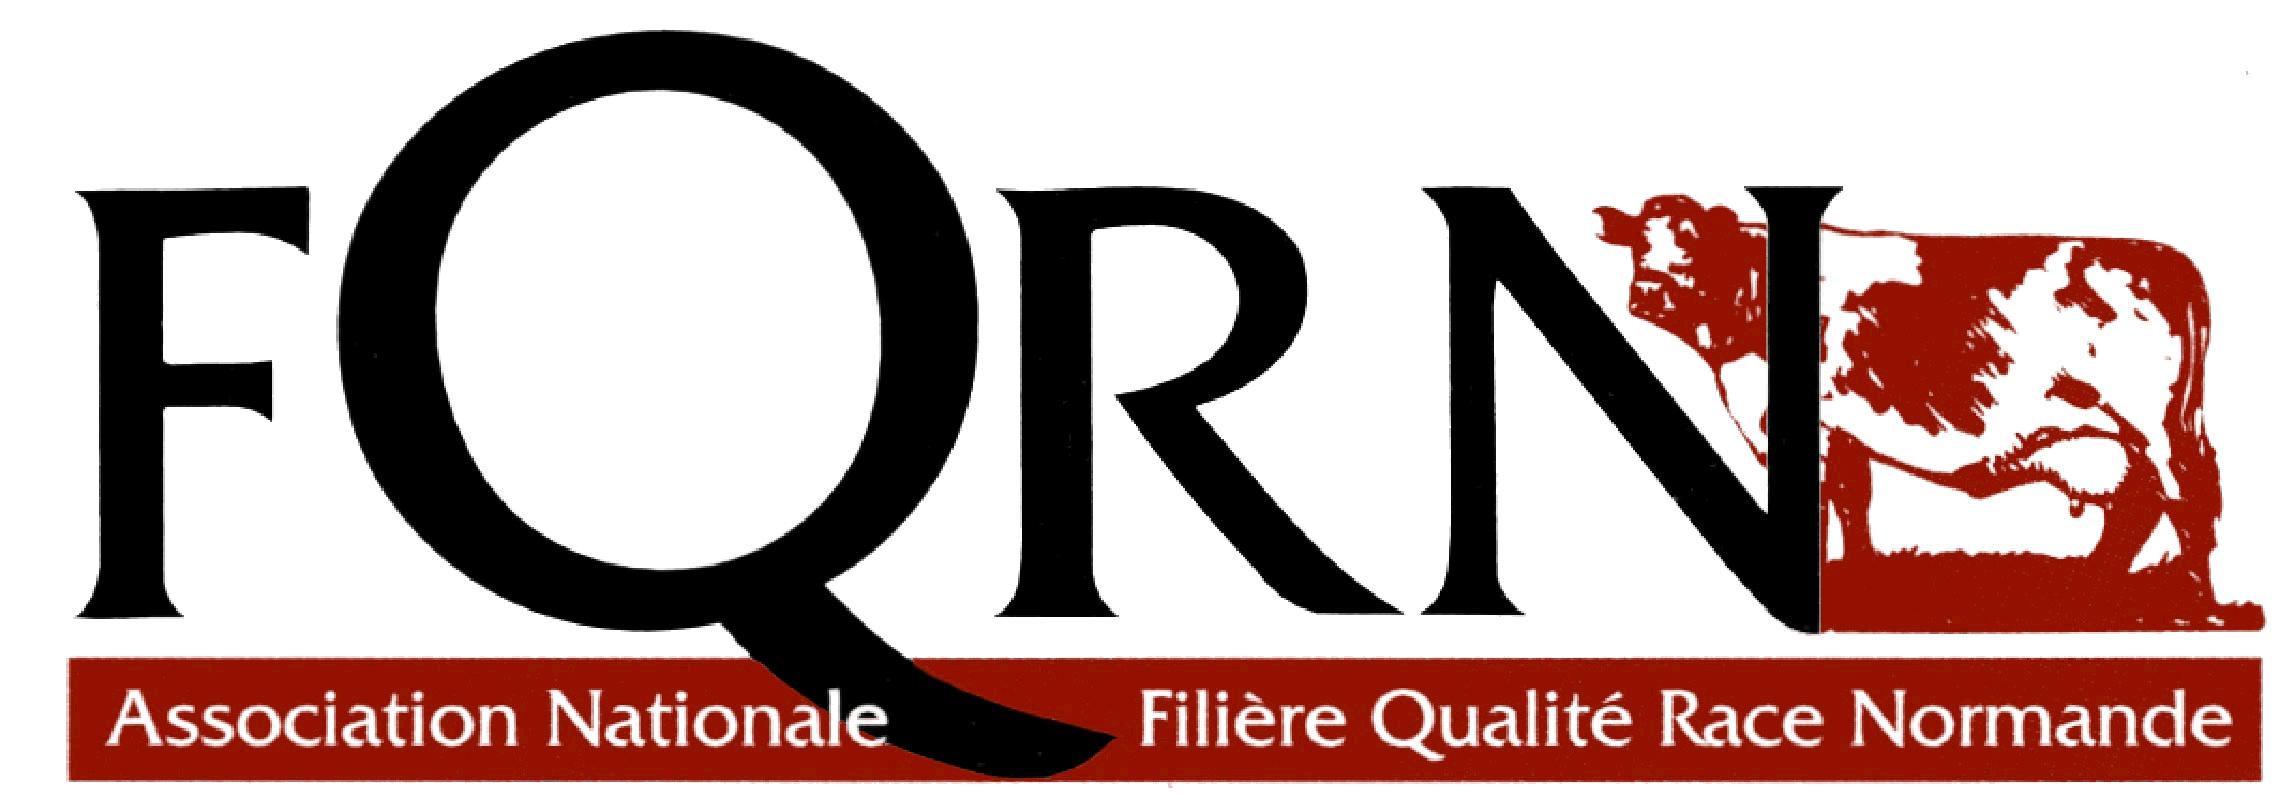 FQRN | Filière Qualité Race Normande